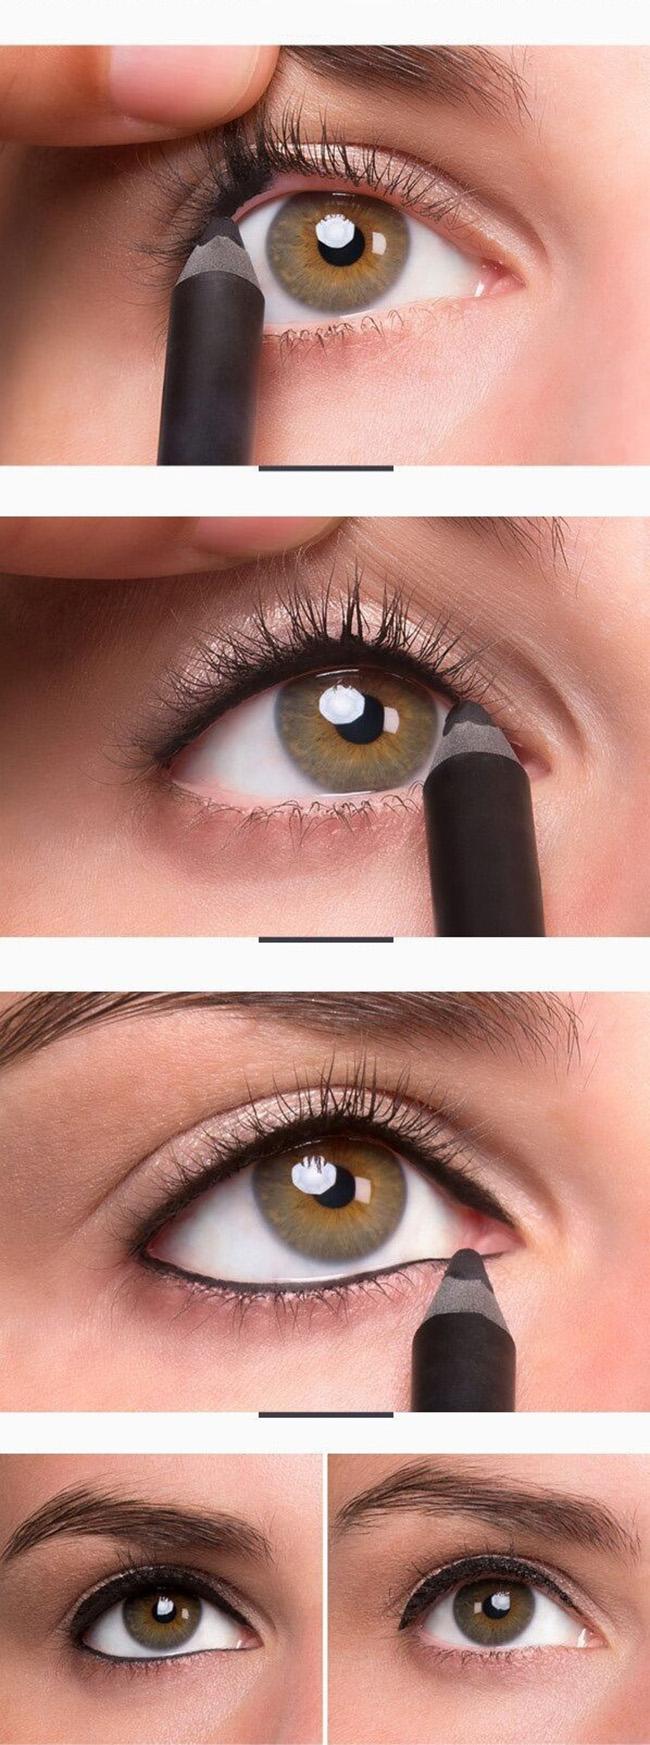 تحديد العيون